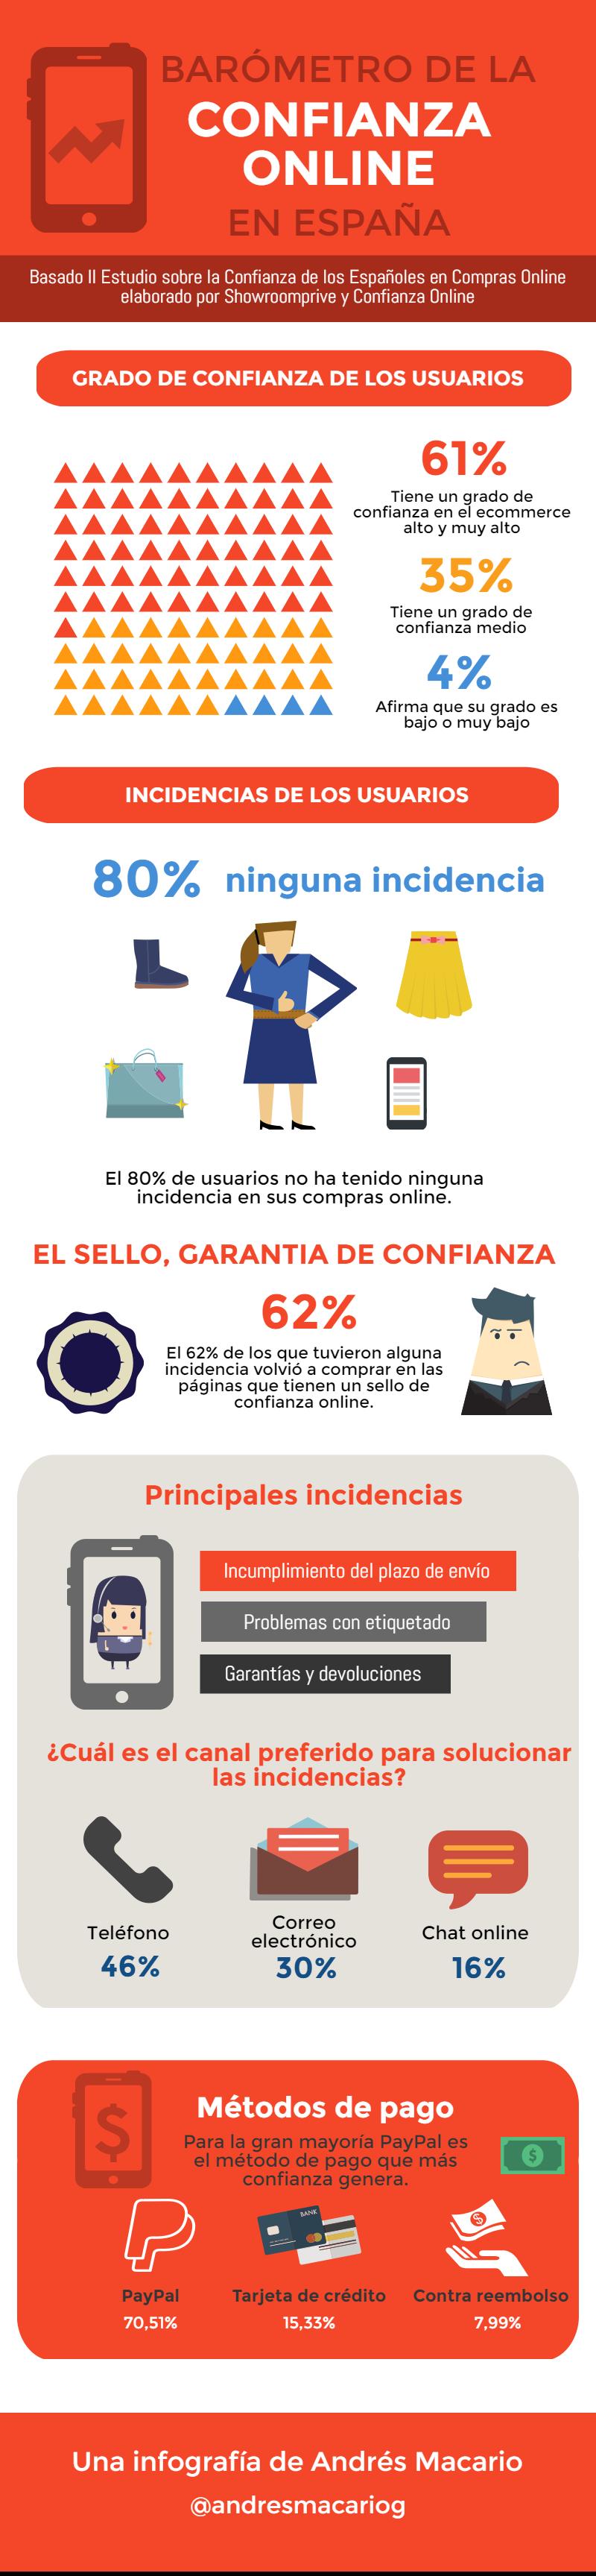 Barometro de la confianza online en España- Infografia Andres Macario